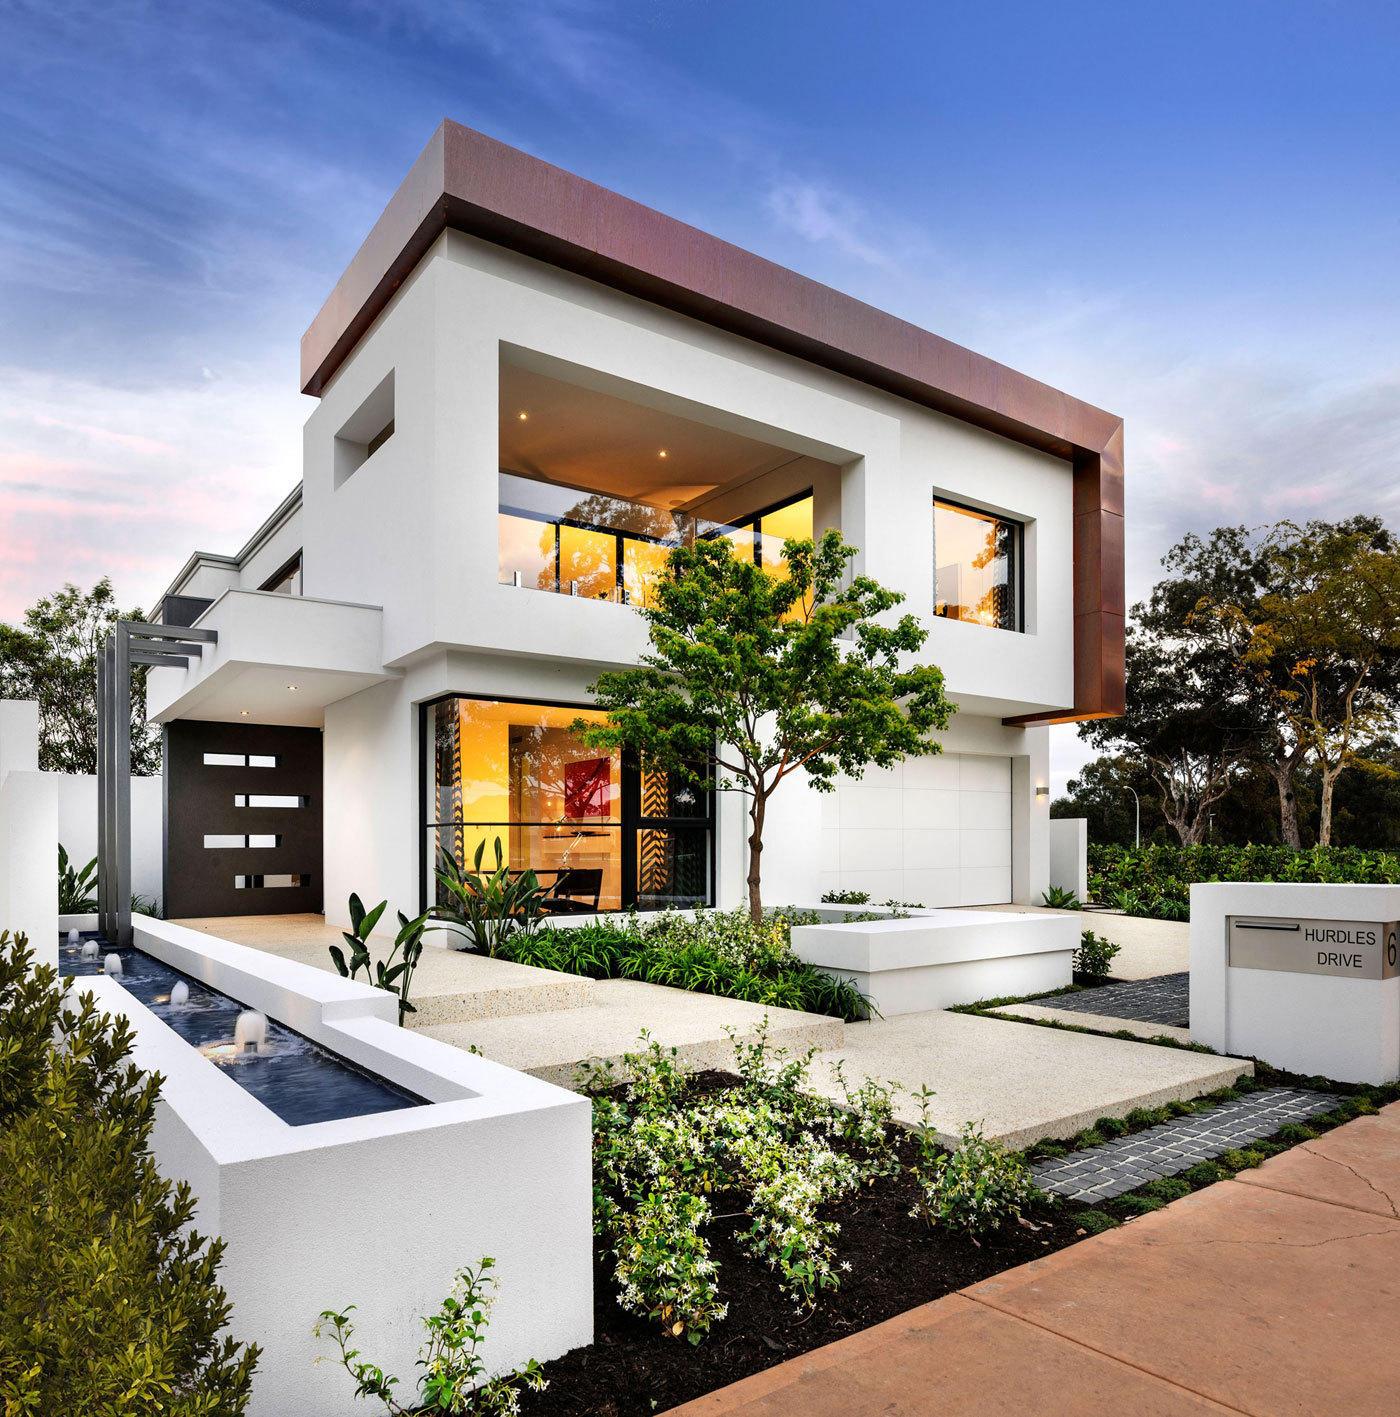 别墅设计有新招丨简约现代风来袭